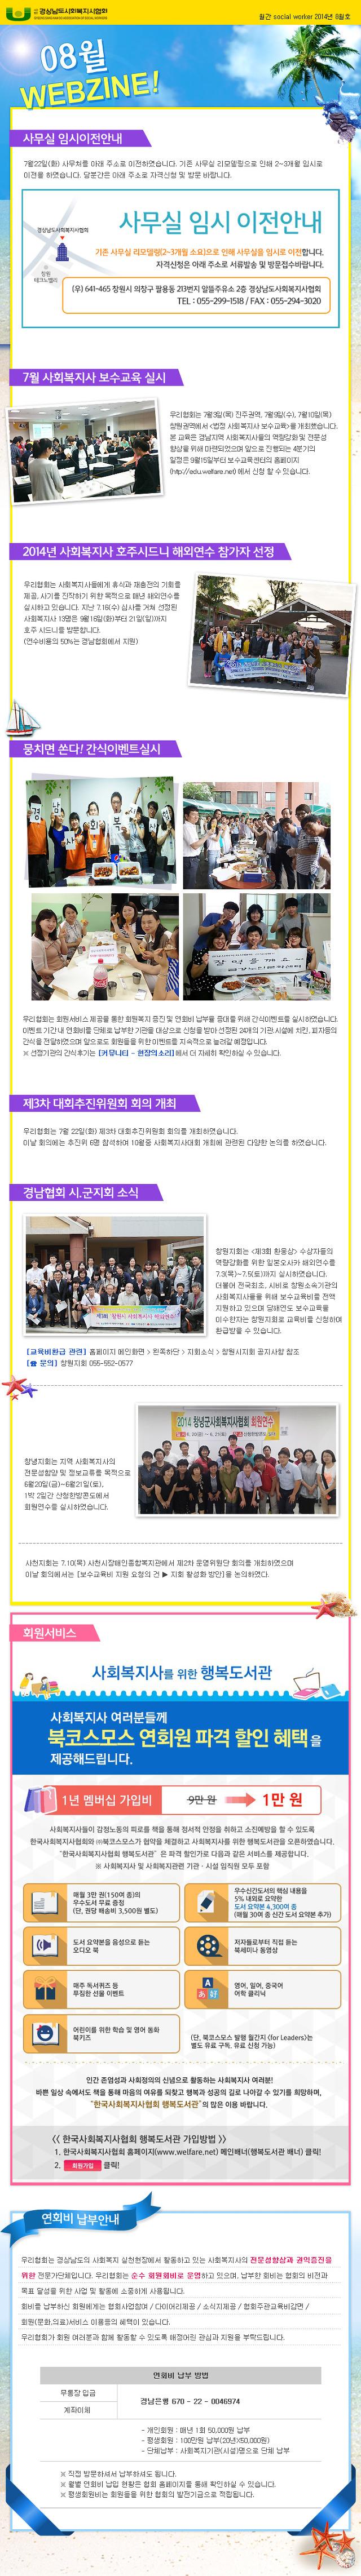 경상남도사회복지사협회 2014년 8월 웹진